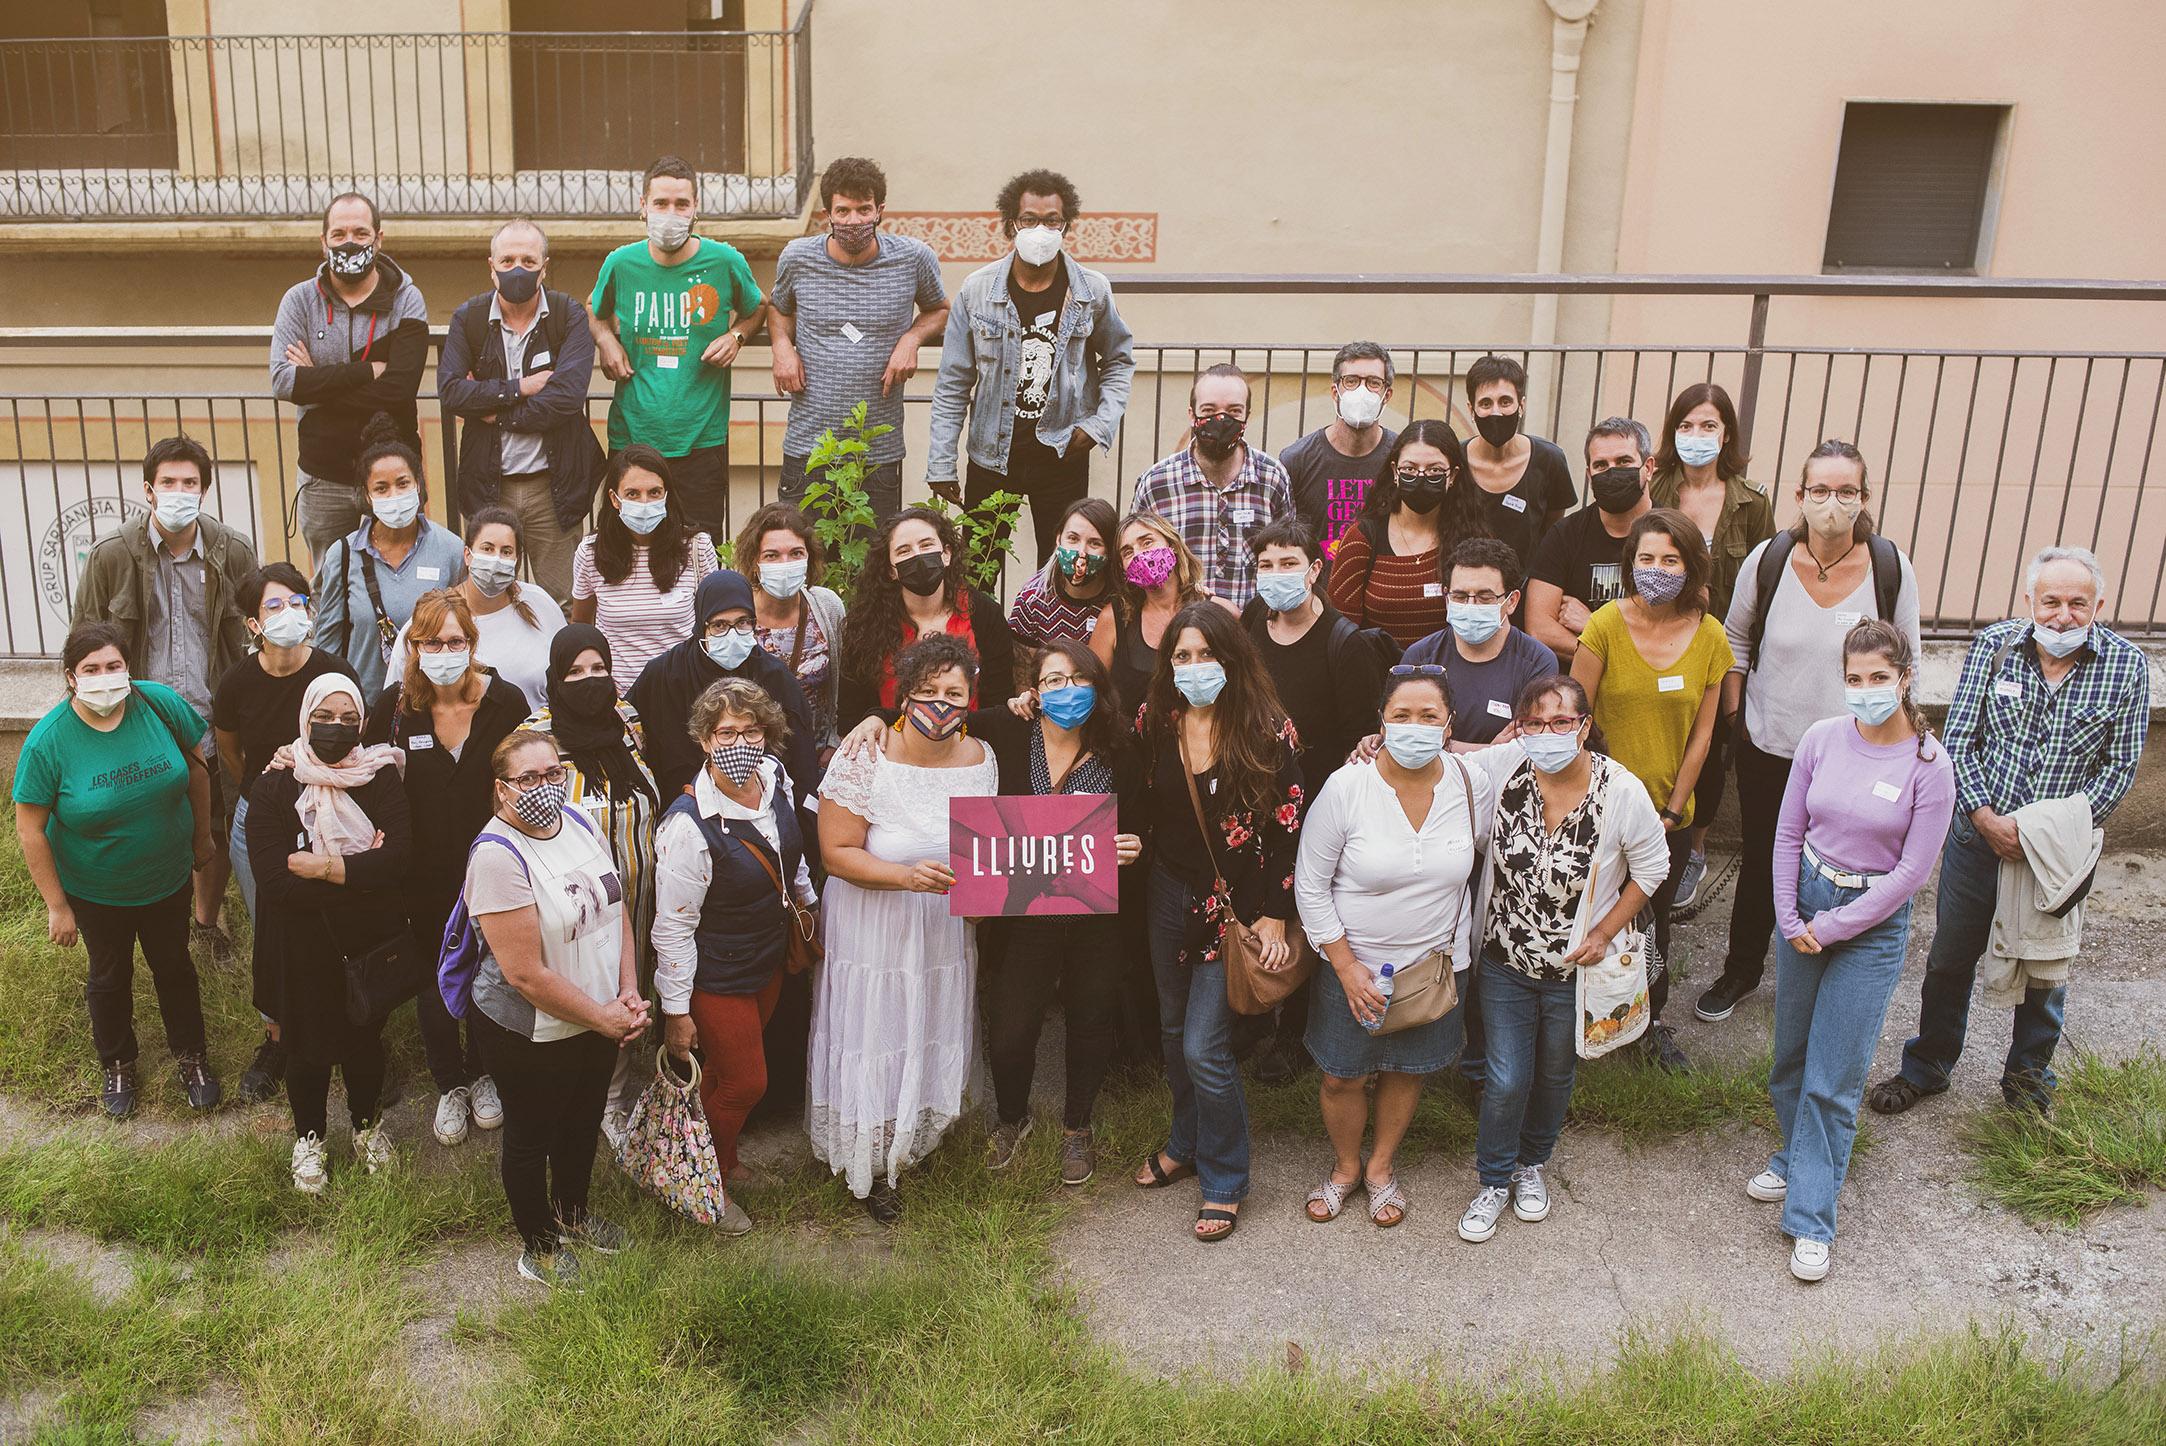 La xarxa de Lliures segueix teixint-se amb la trobada de projectes a Manresa